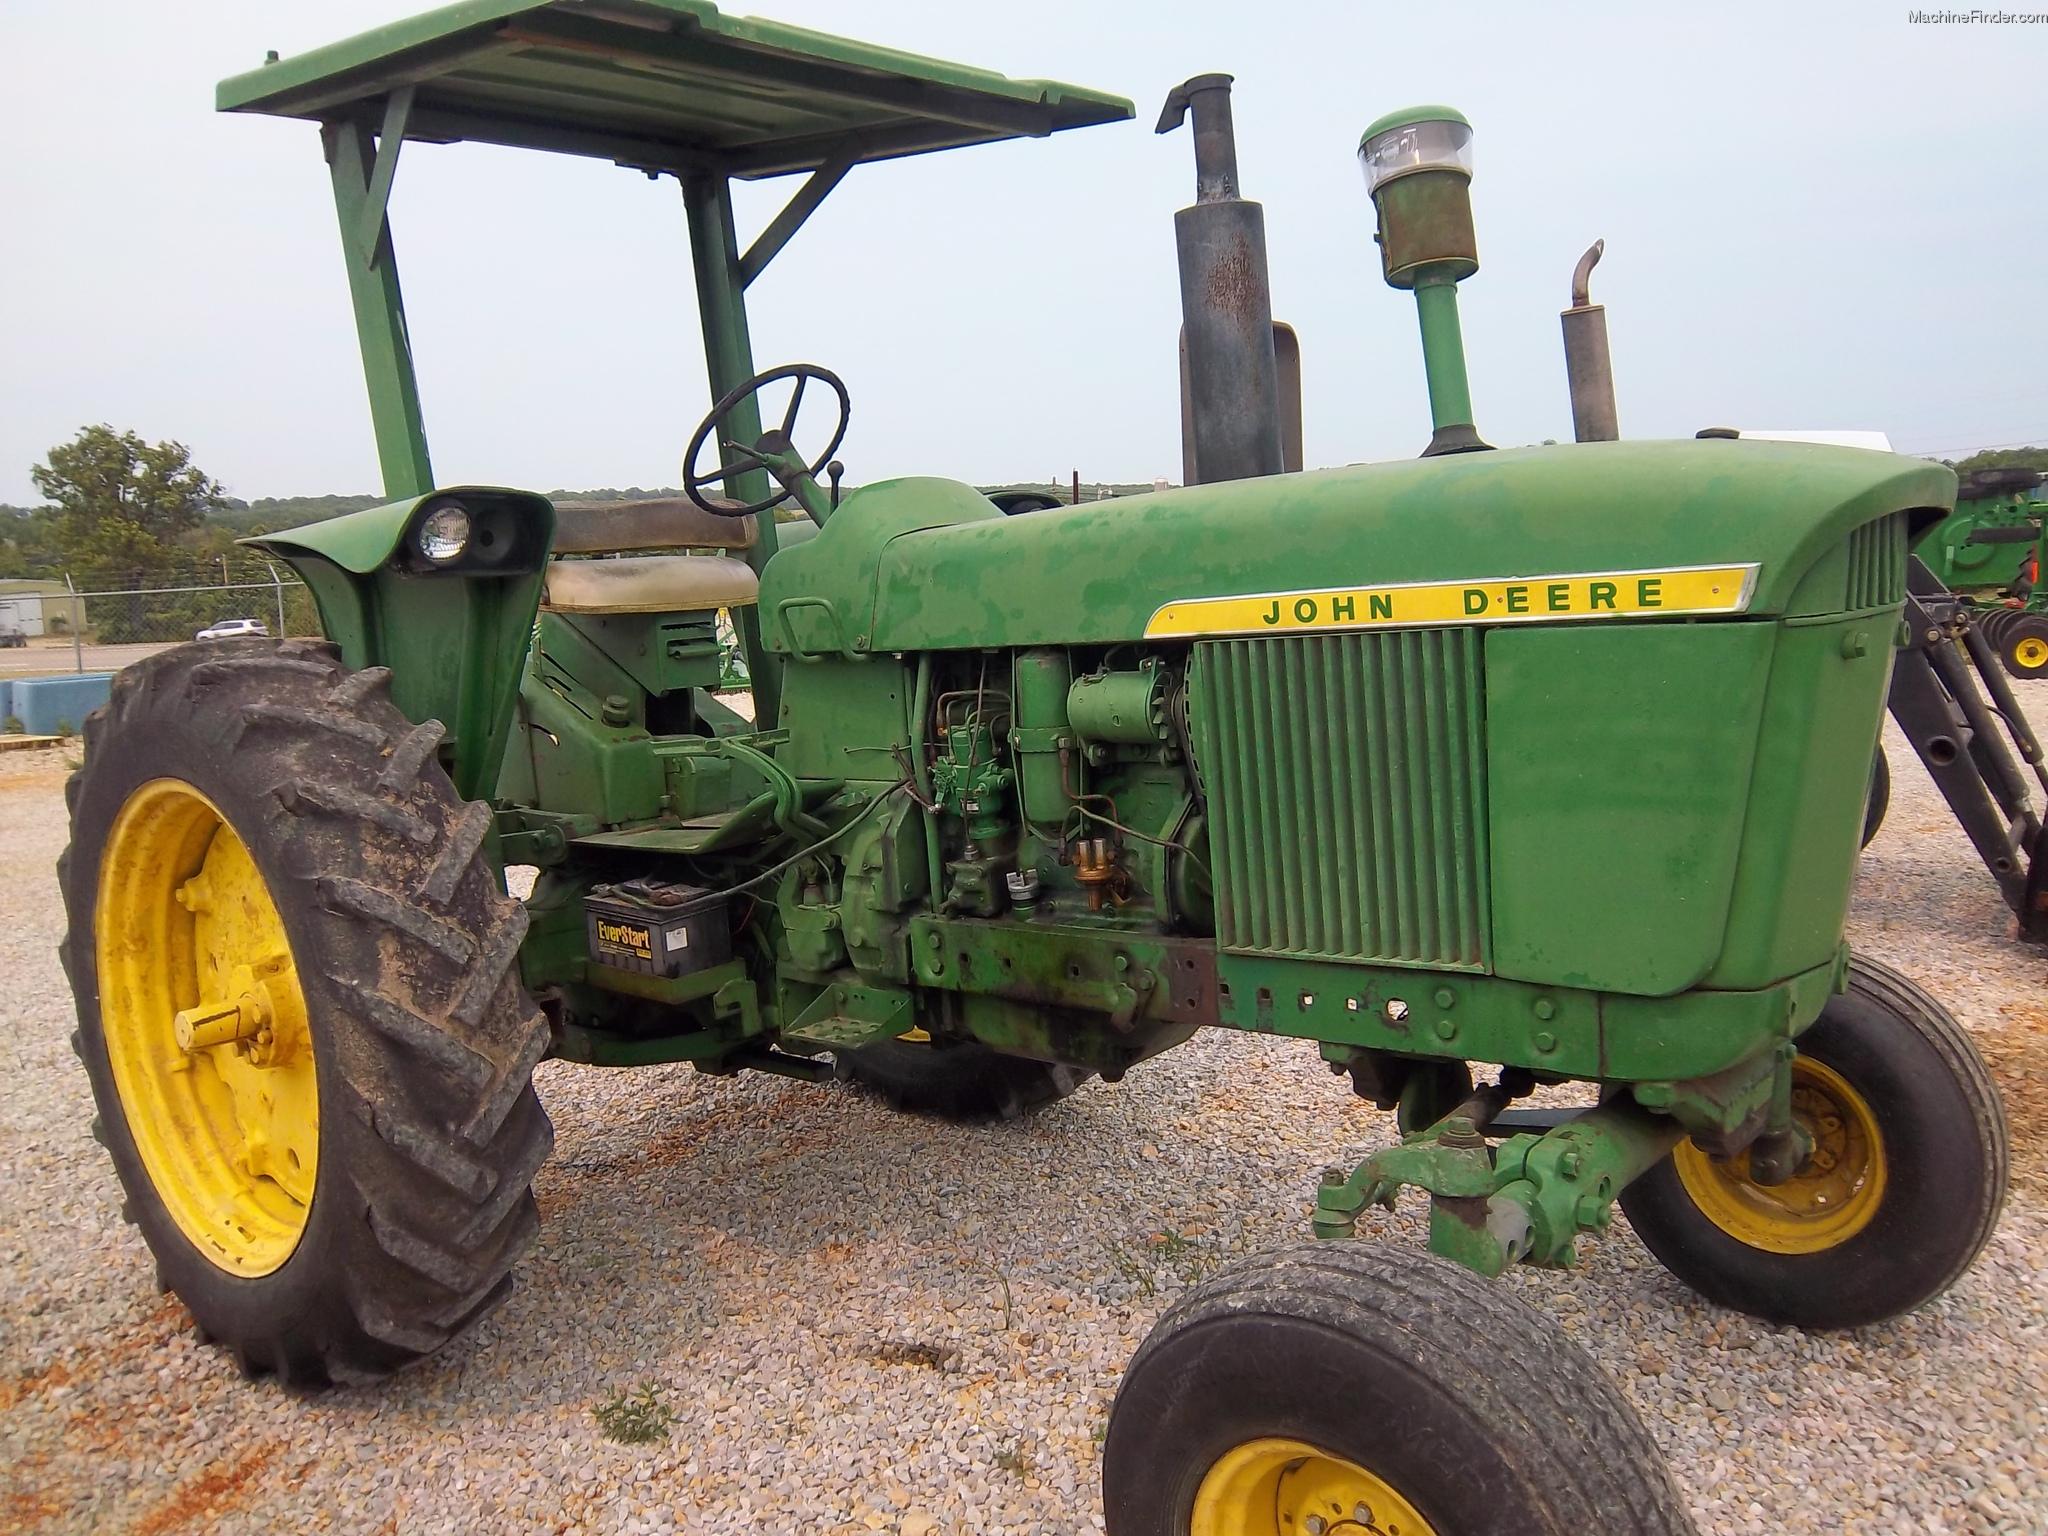 1963 John Deere 3010 Tractors - Row Crop (+100hp) - John ...